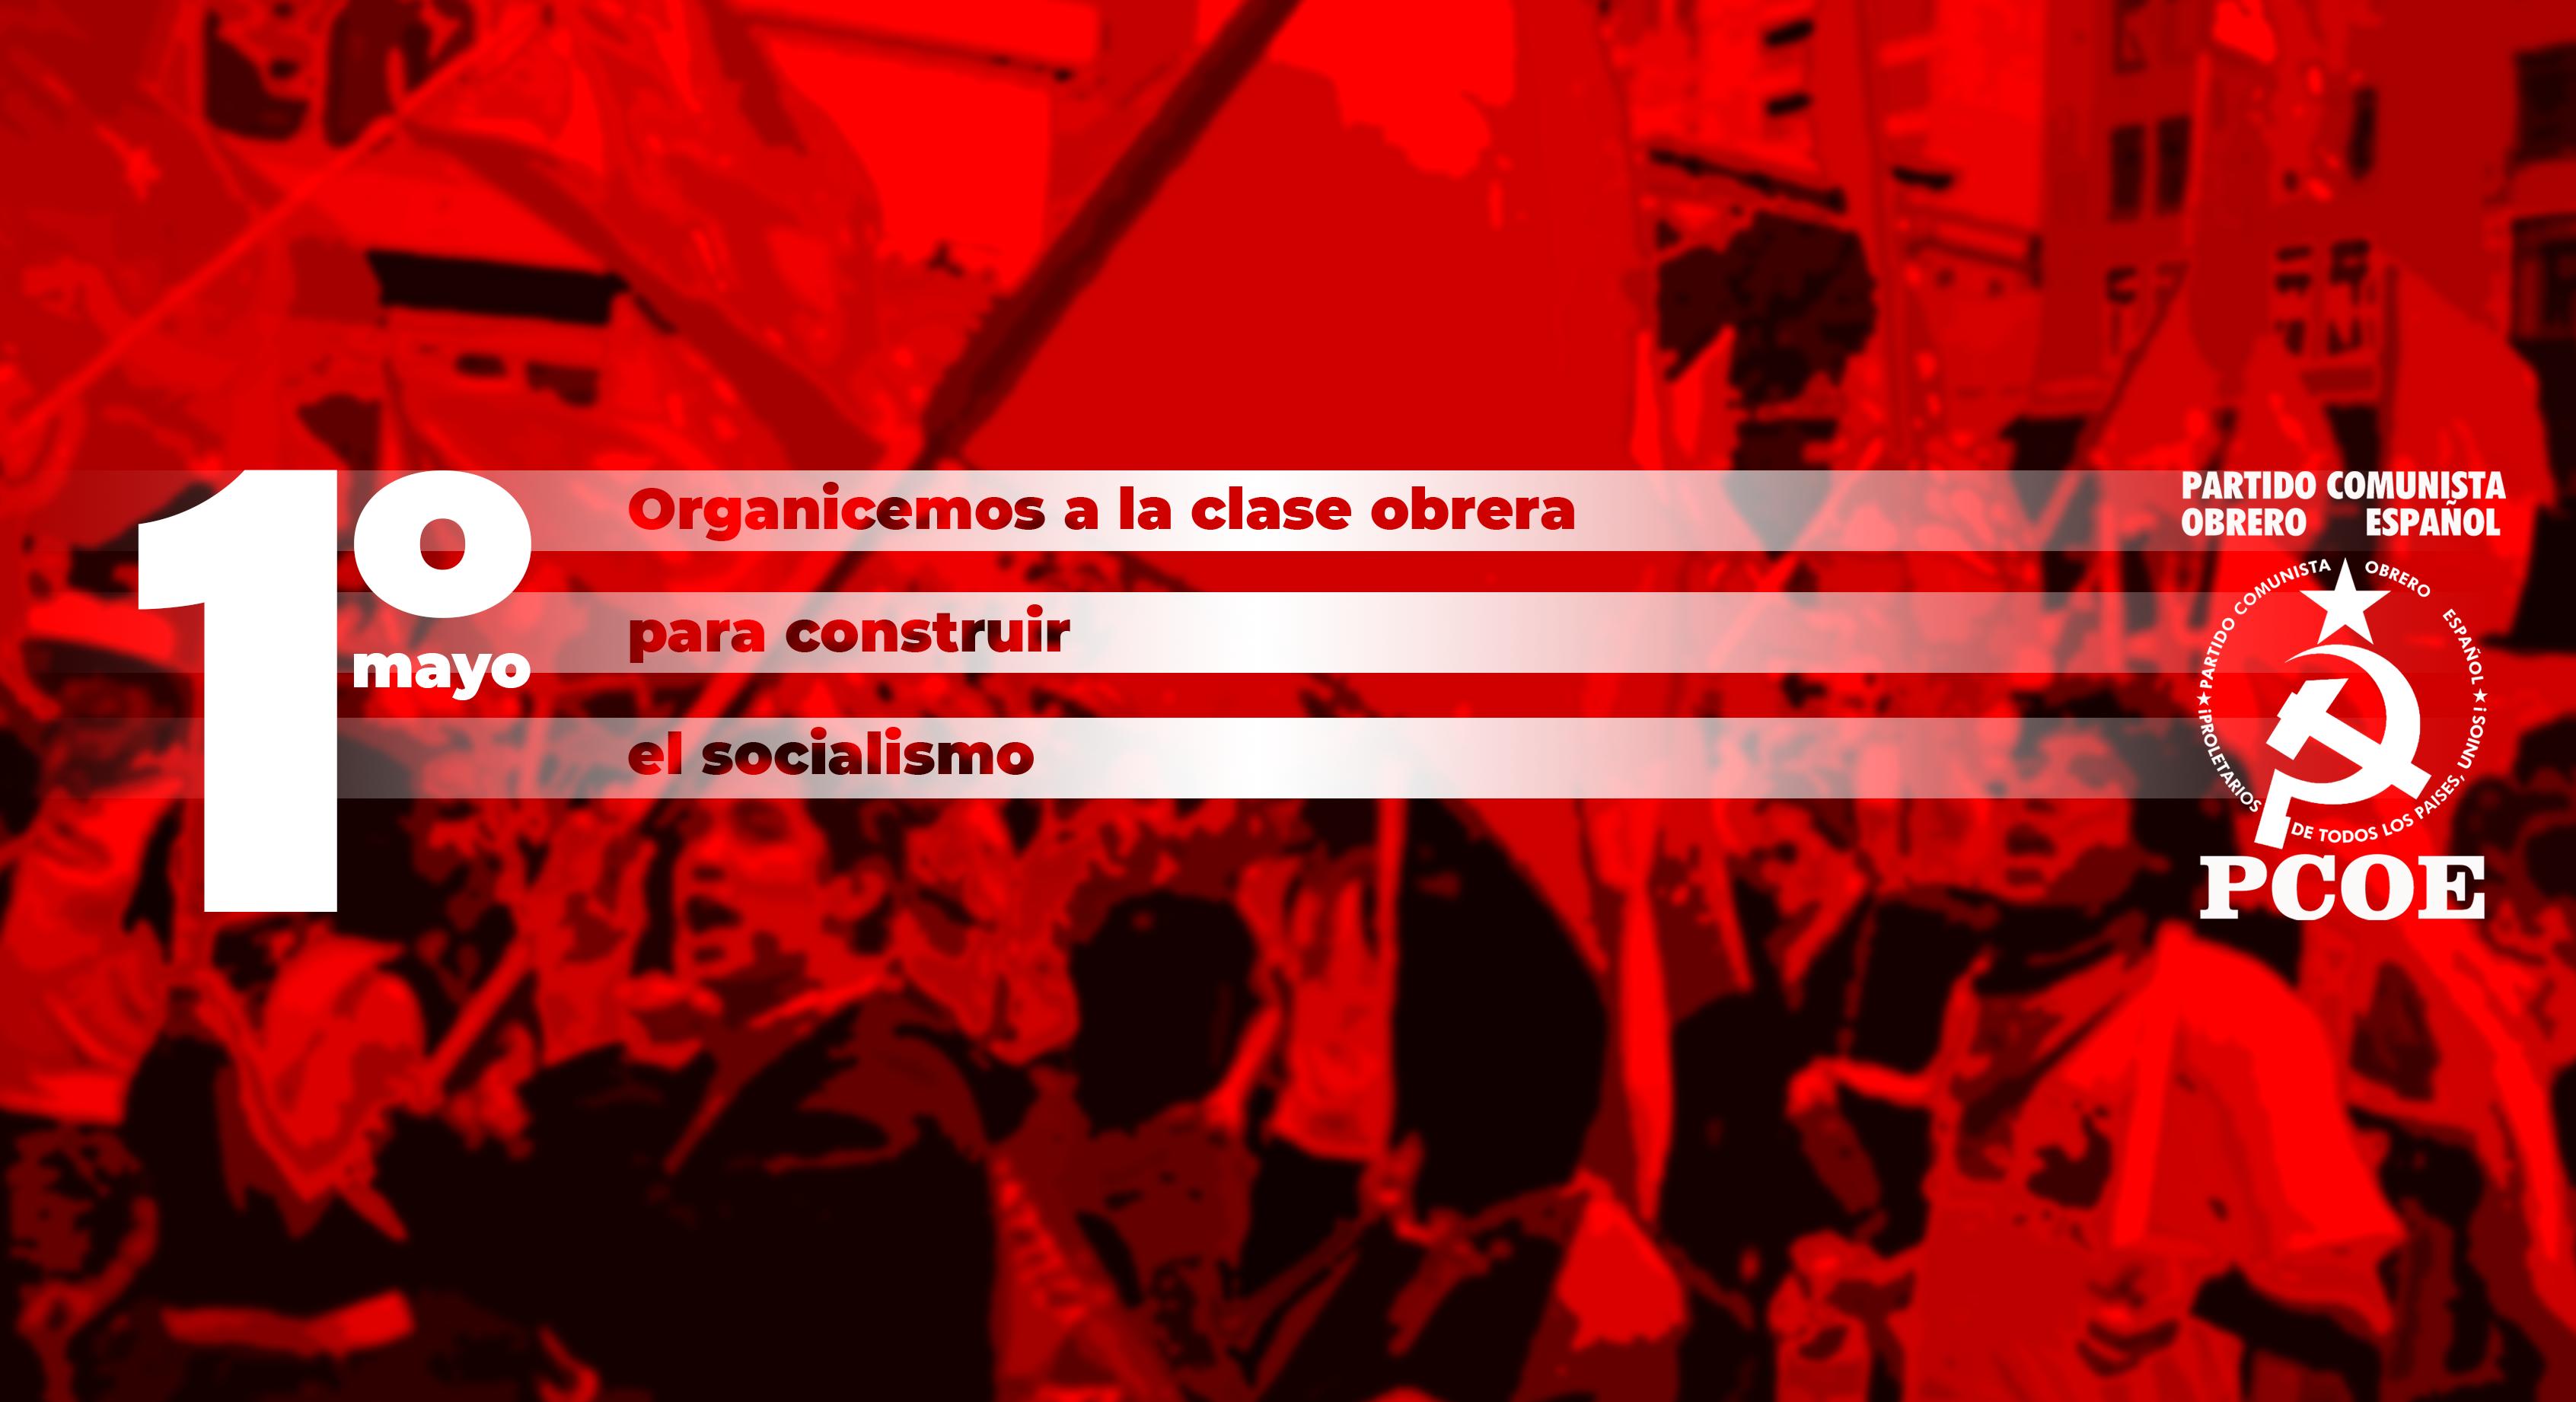 El movimiento obrero debe poner fin al amarillismo sindical